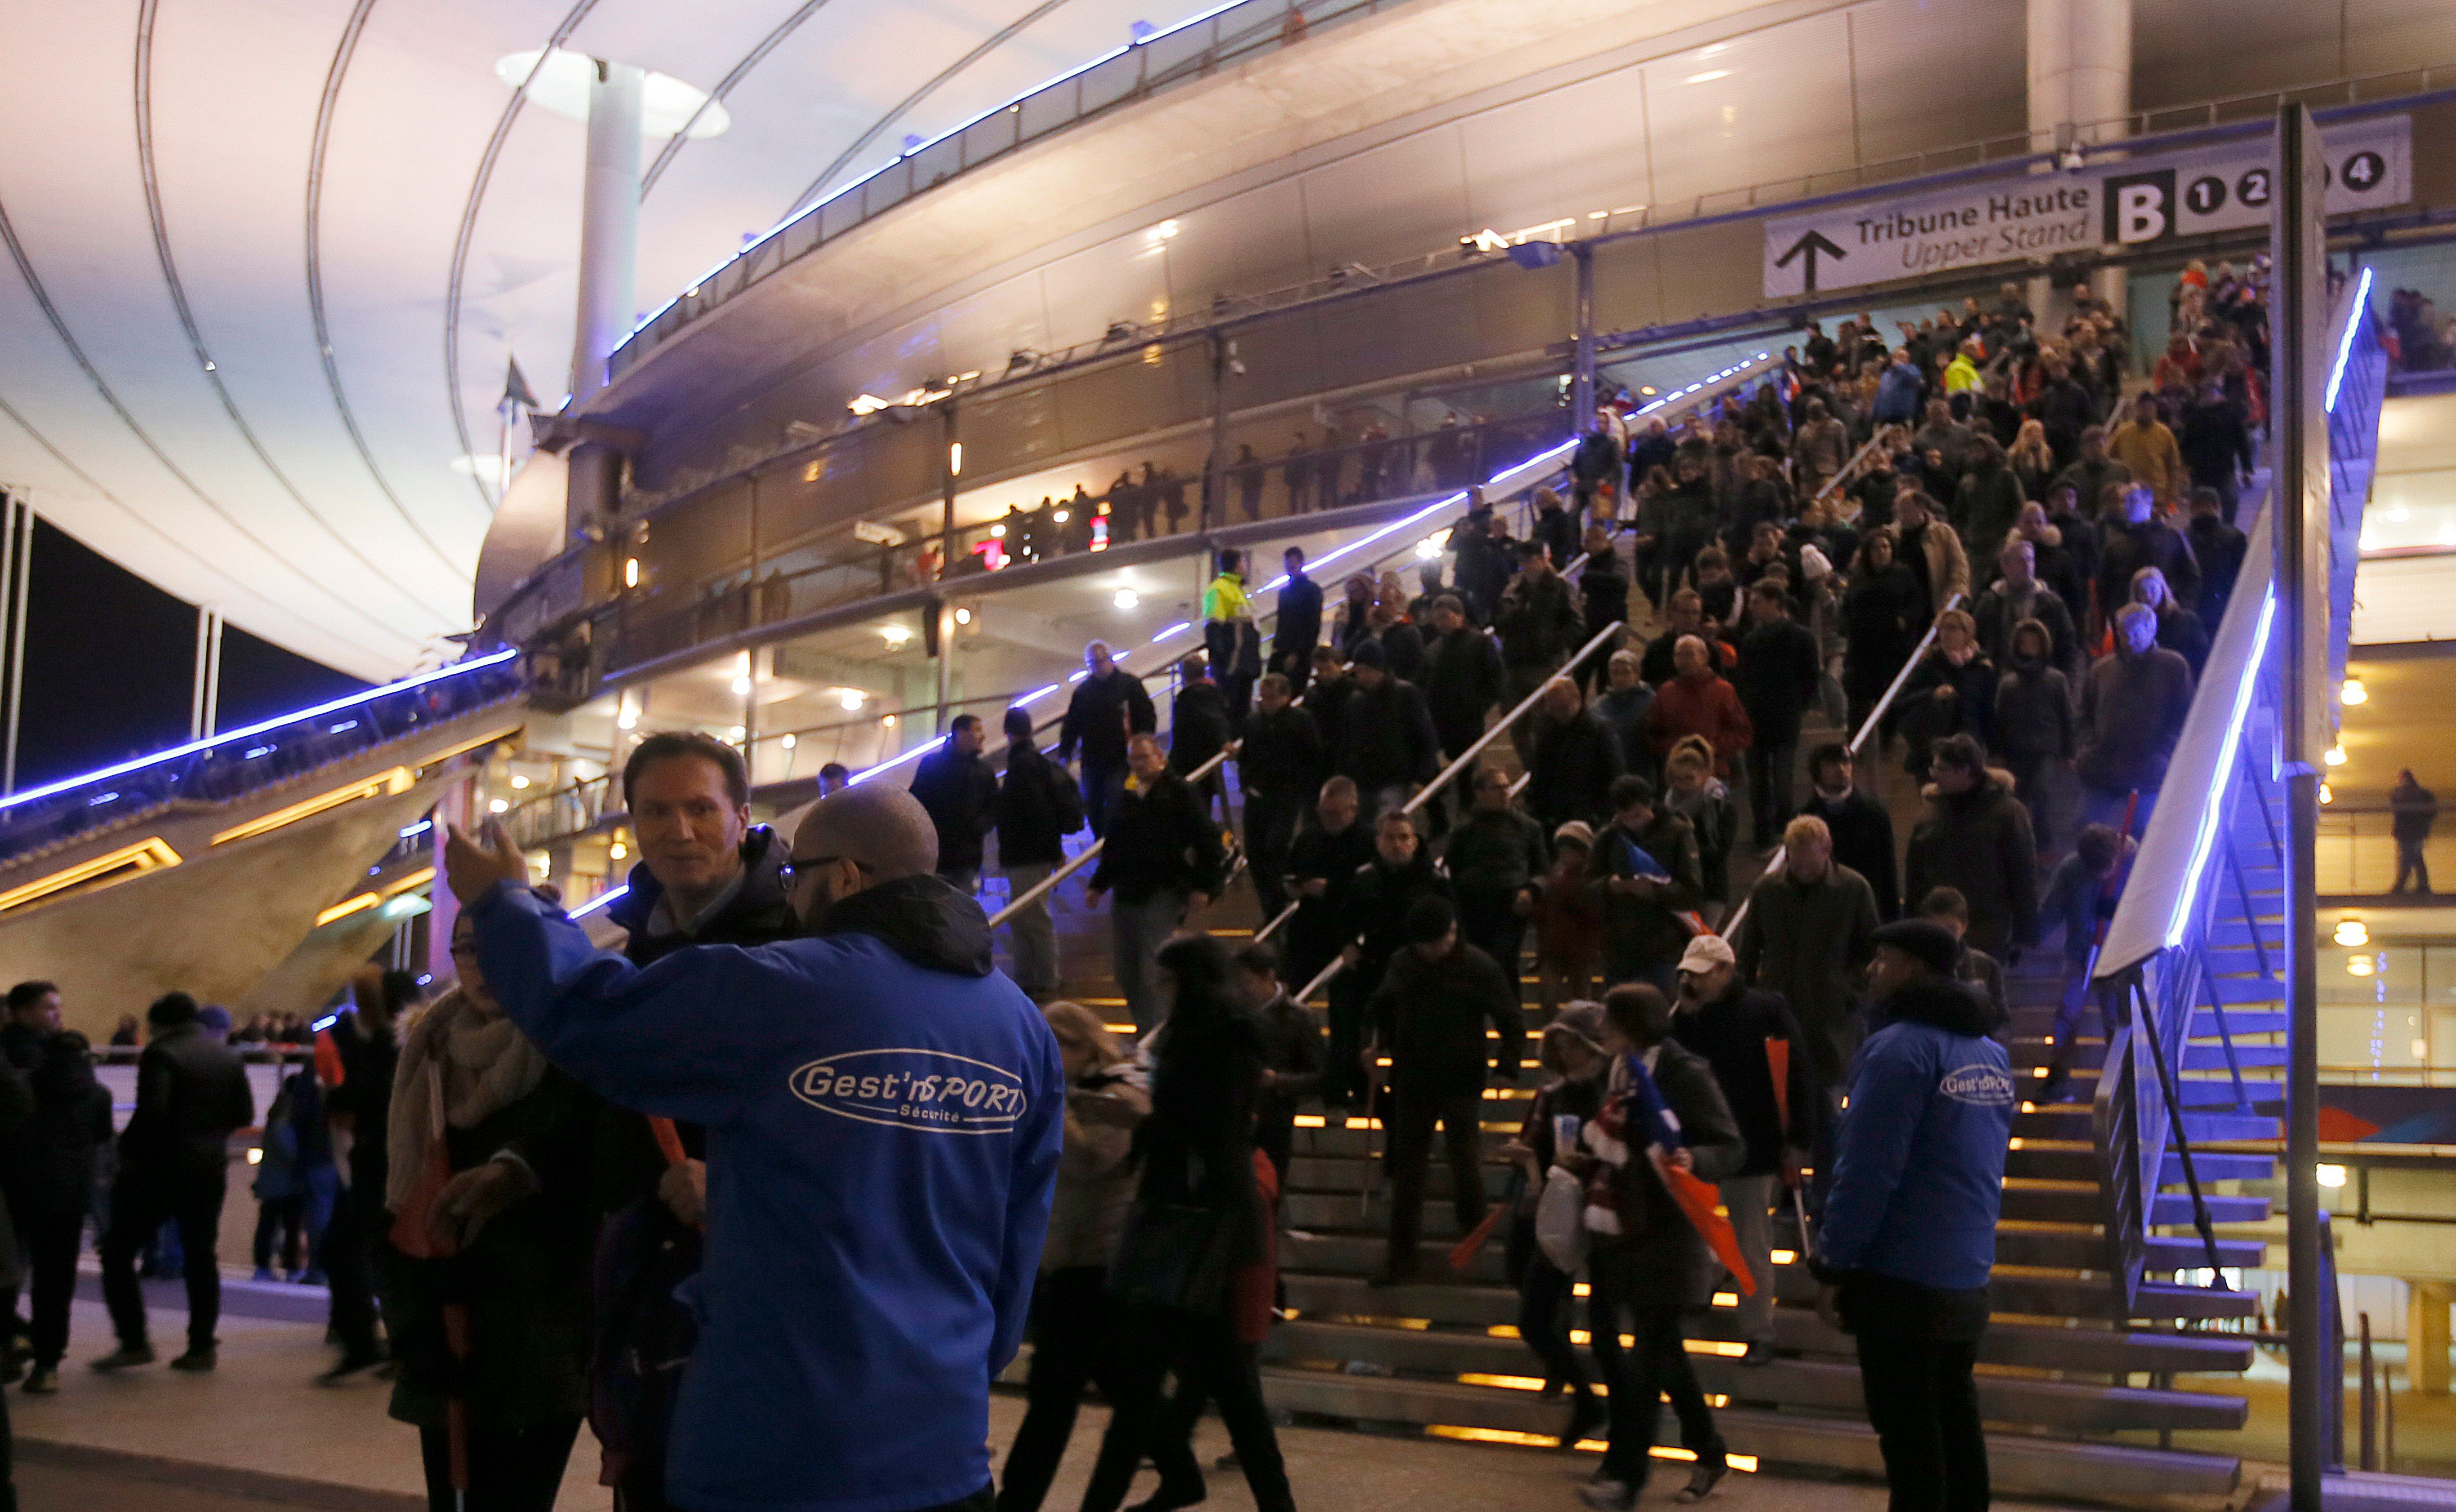 Stade de France : un des kamikazes a été appréhendé vivant par un CRS avant de décéder